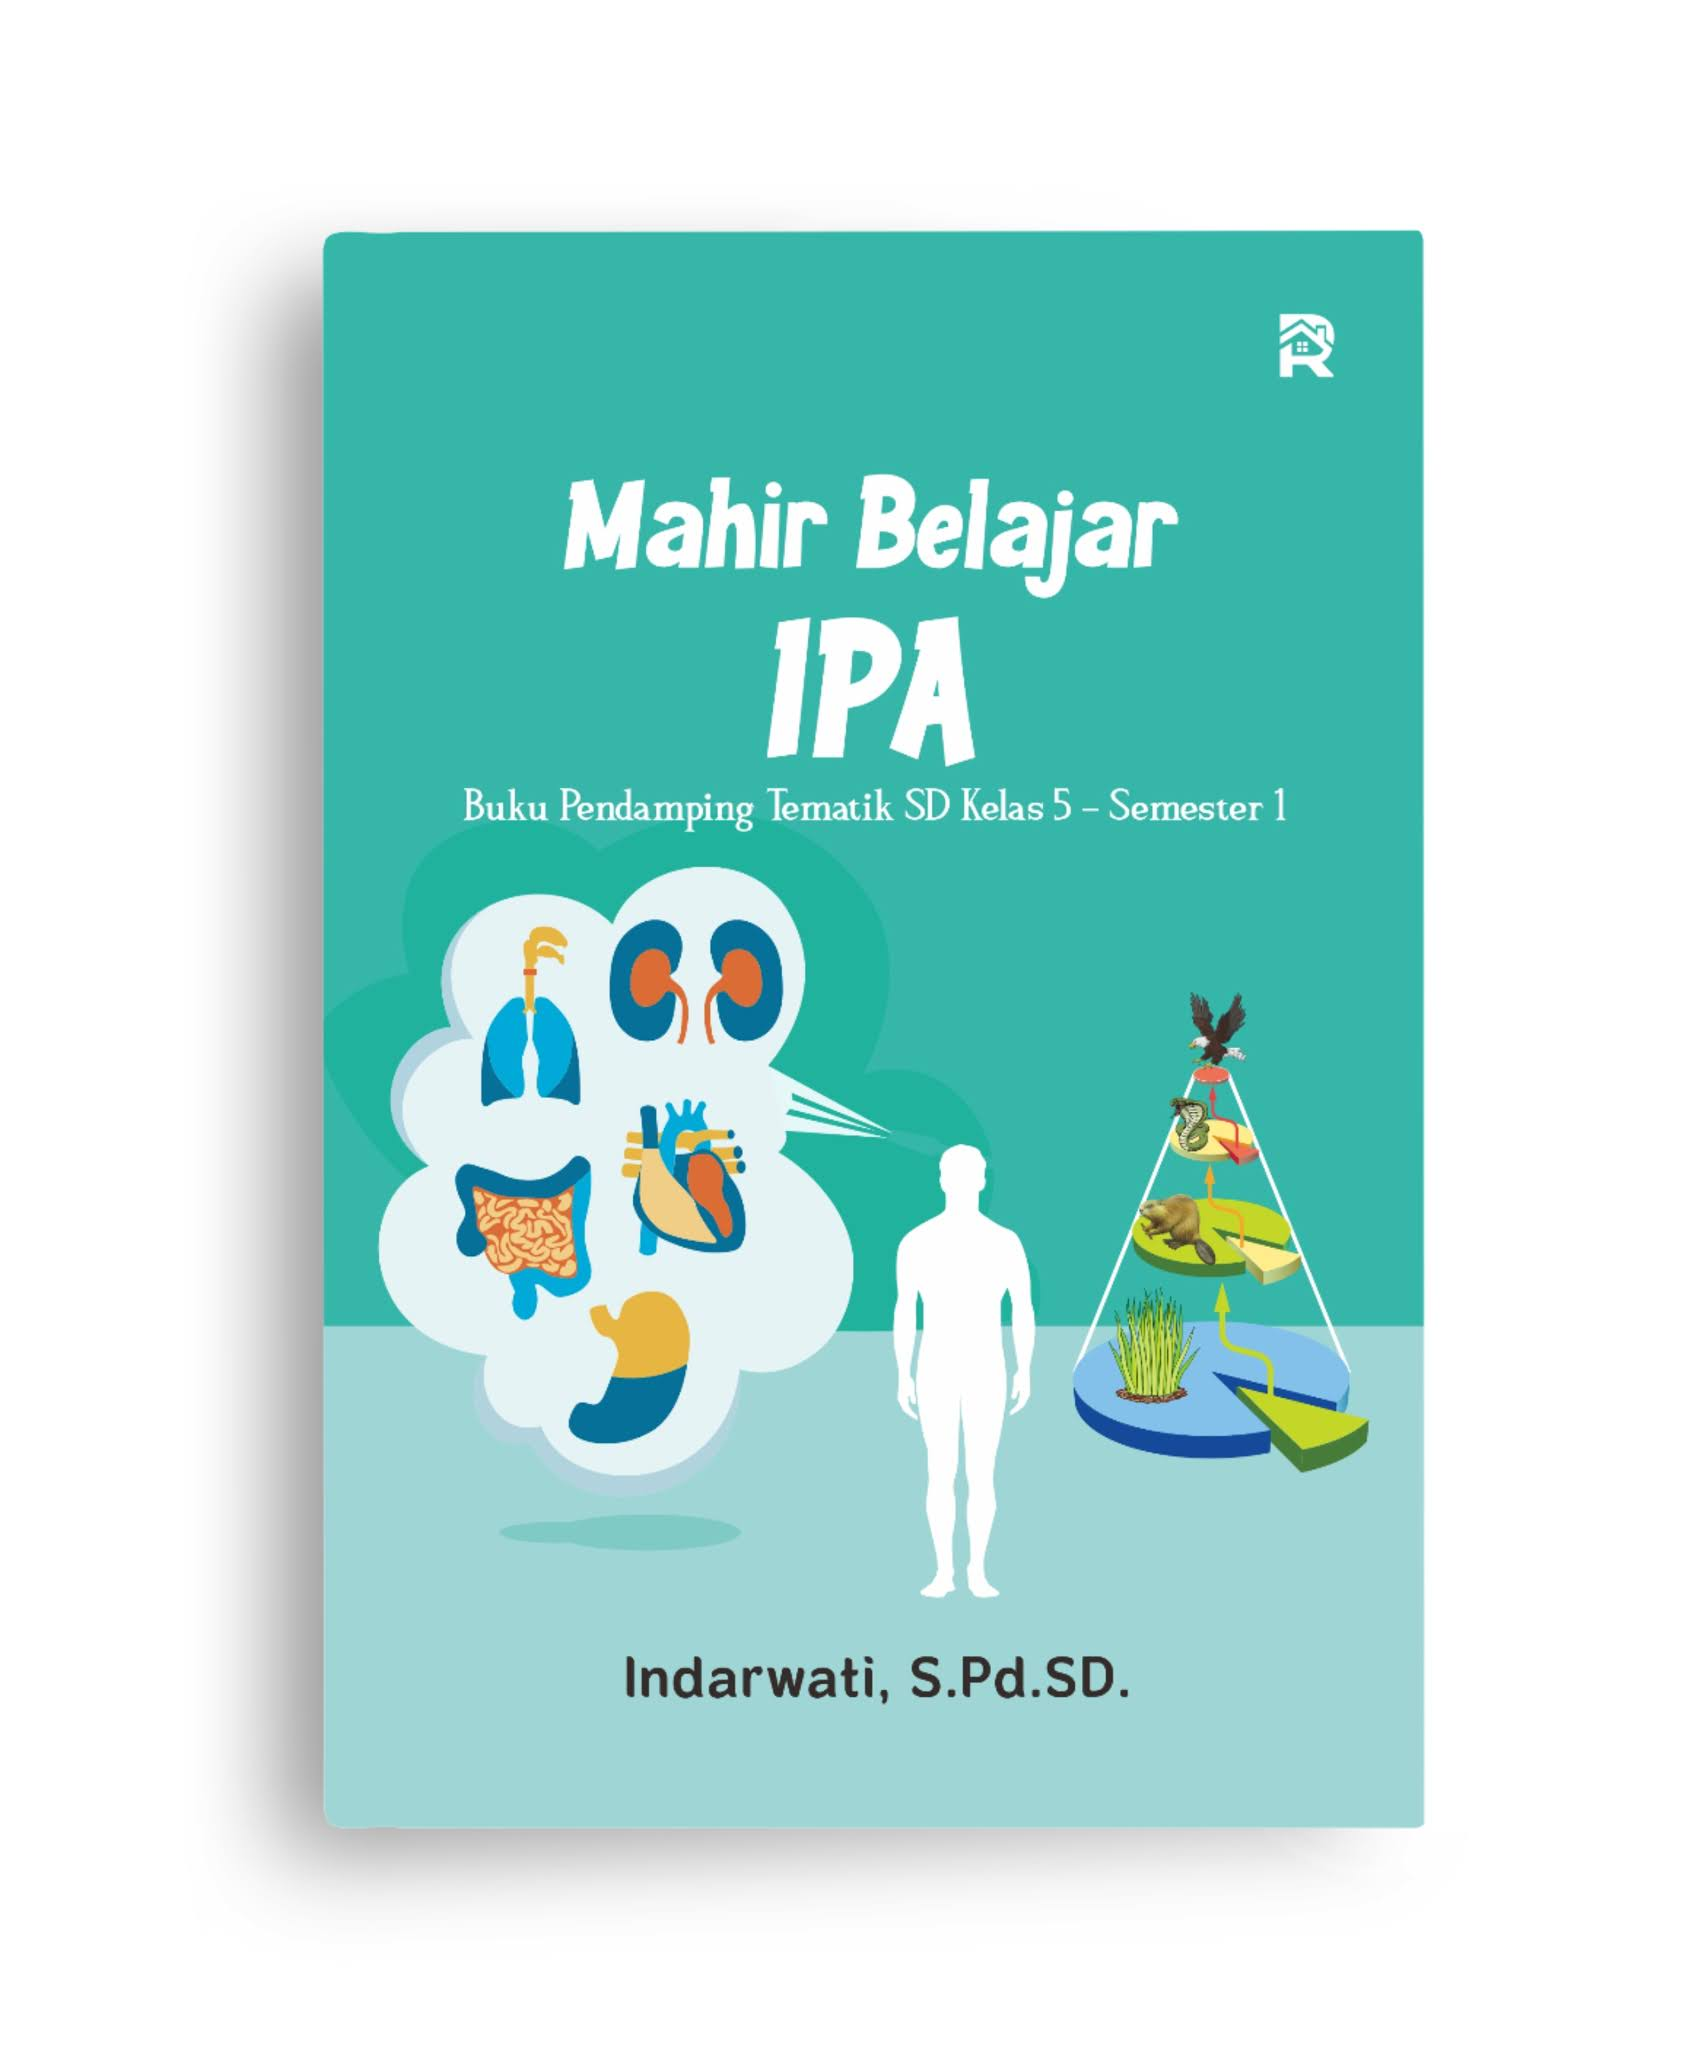 Mahir Belajar IPA (Buku Pendamping Tematik SD Kelas 5 - Semester 1)